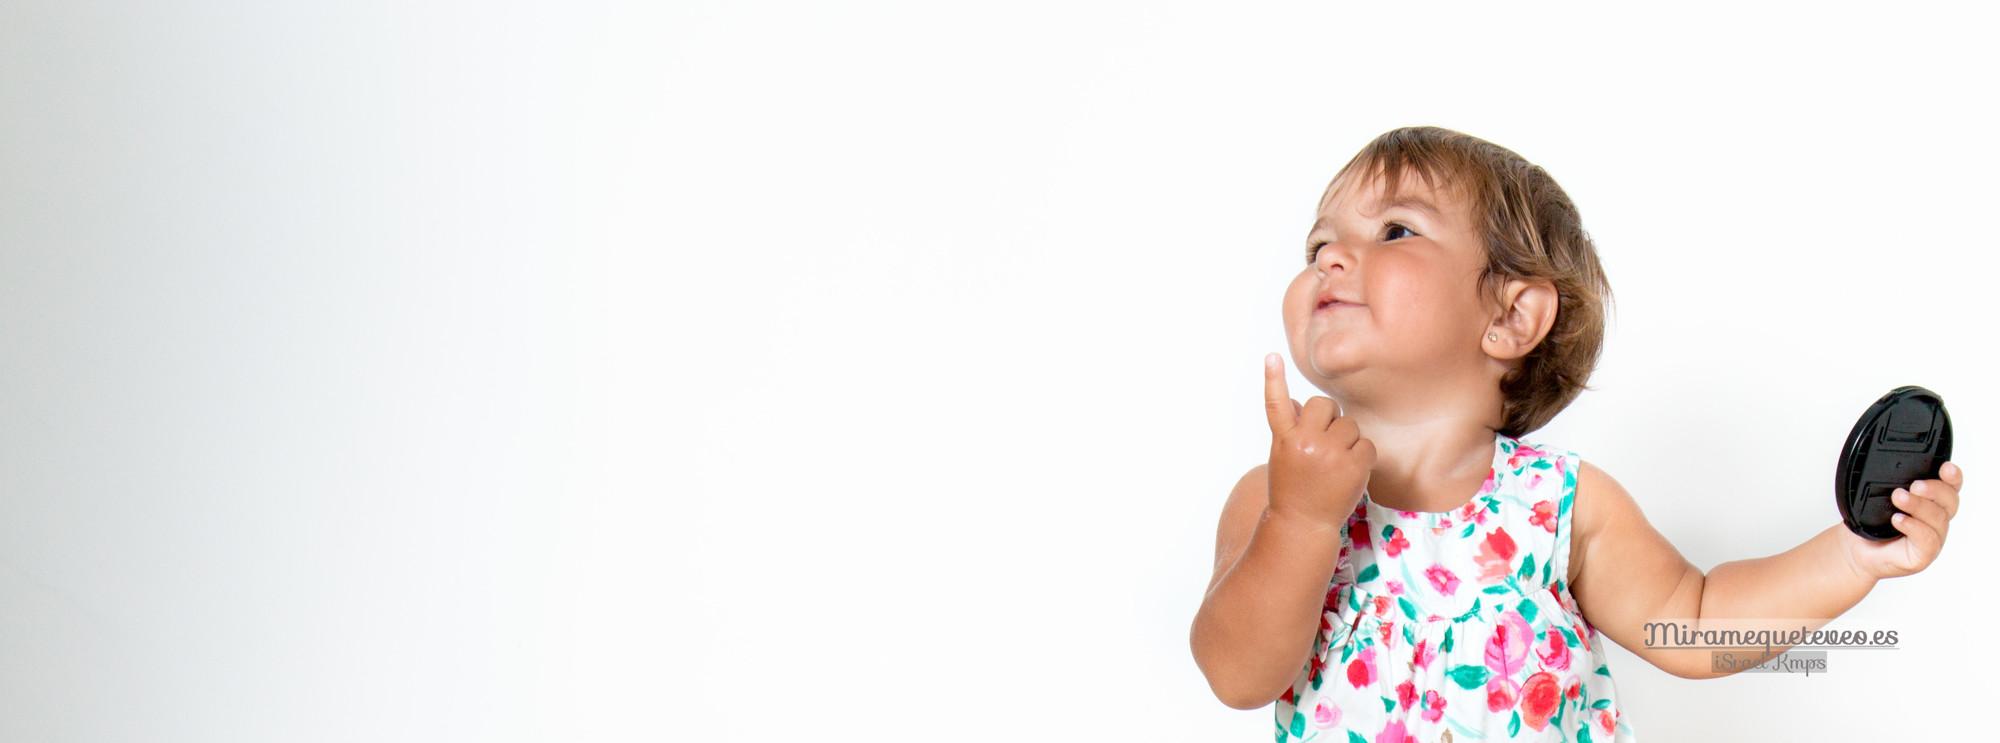 Sesion de fotos infantil, 1 añito